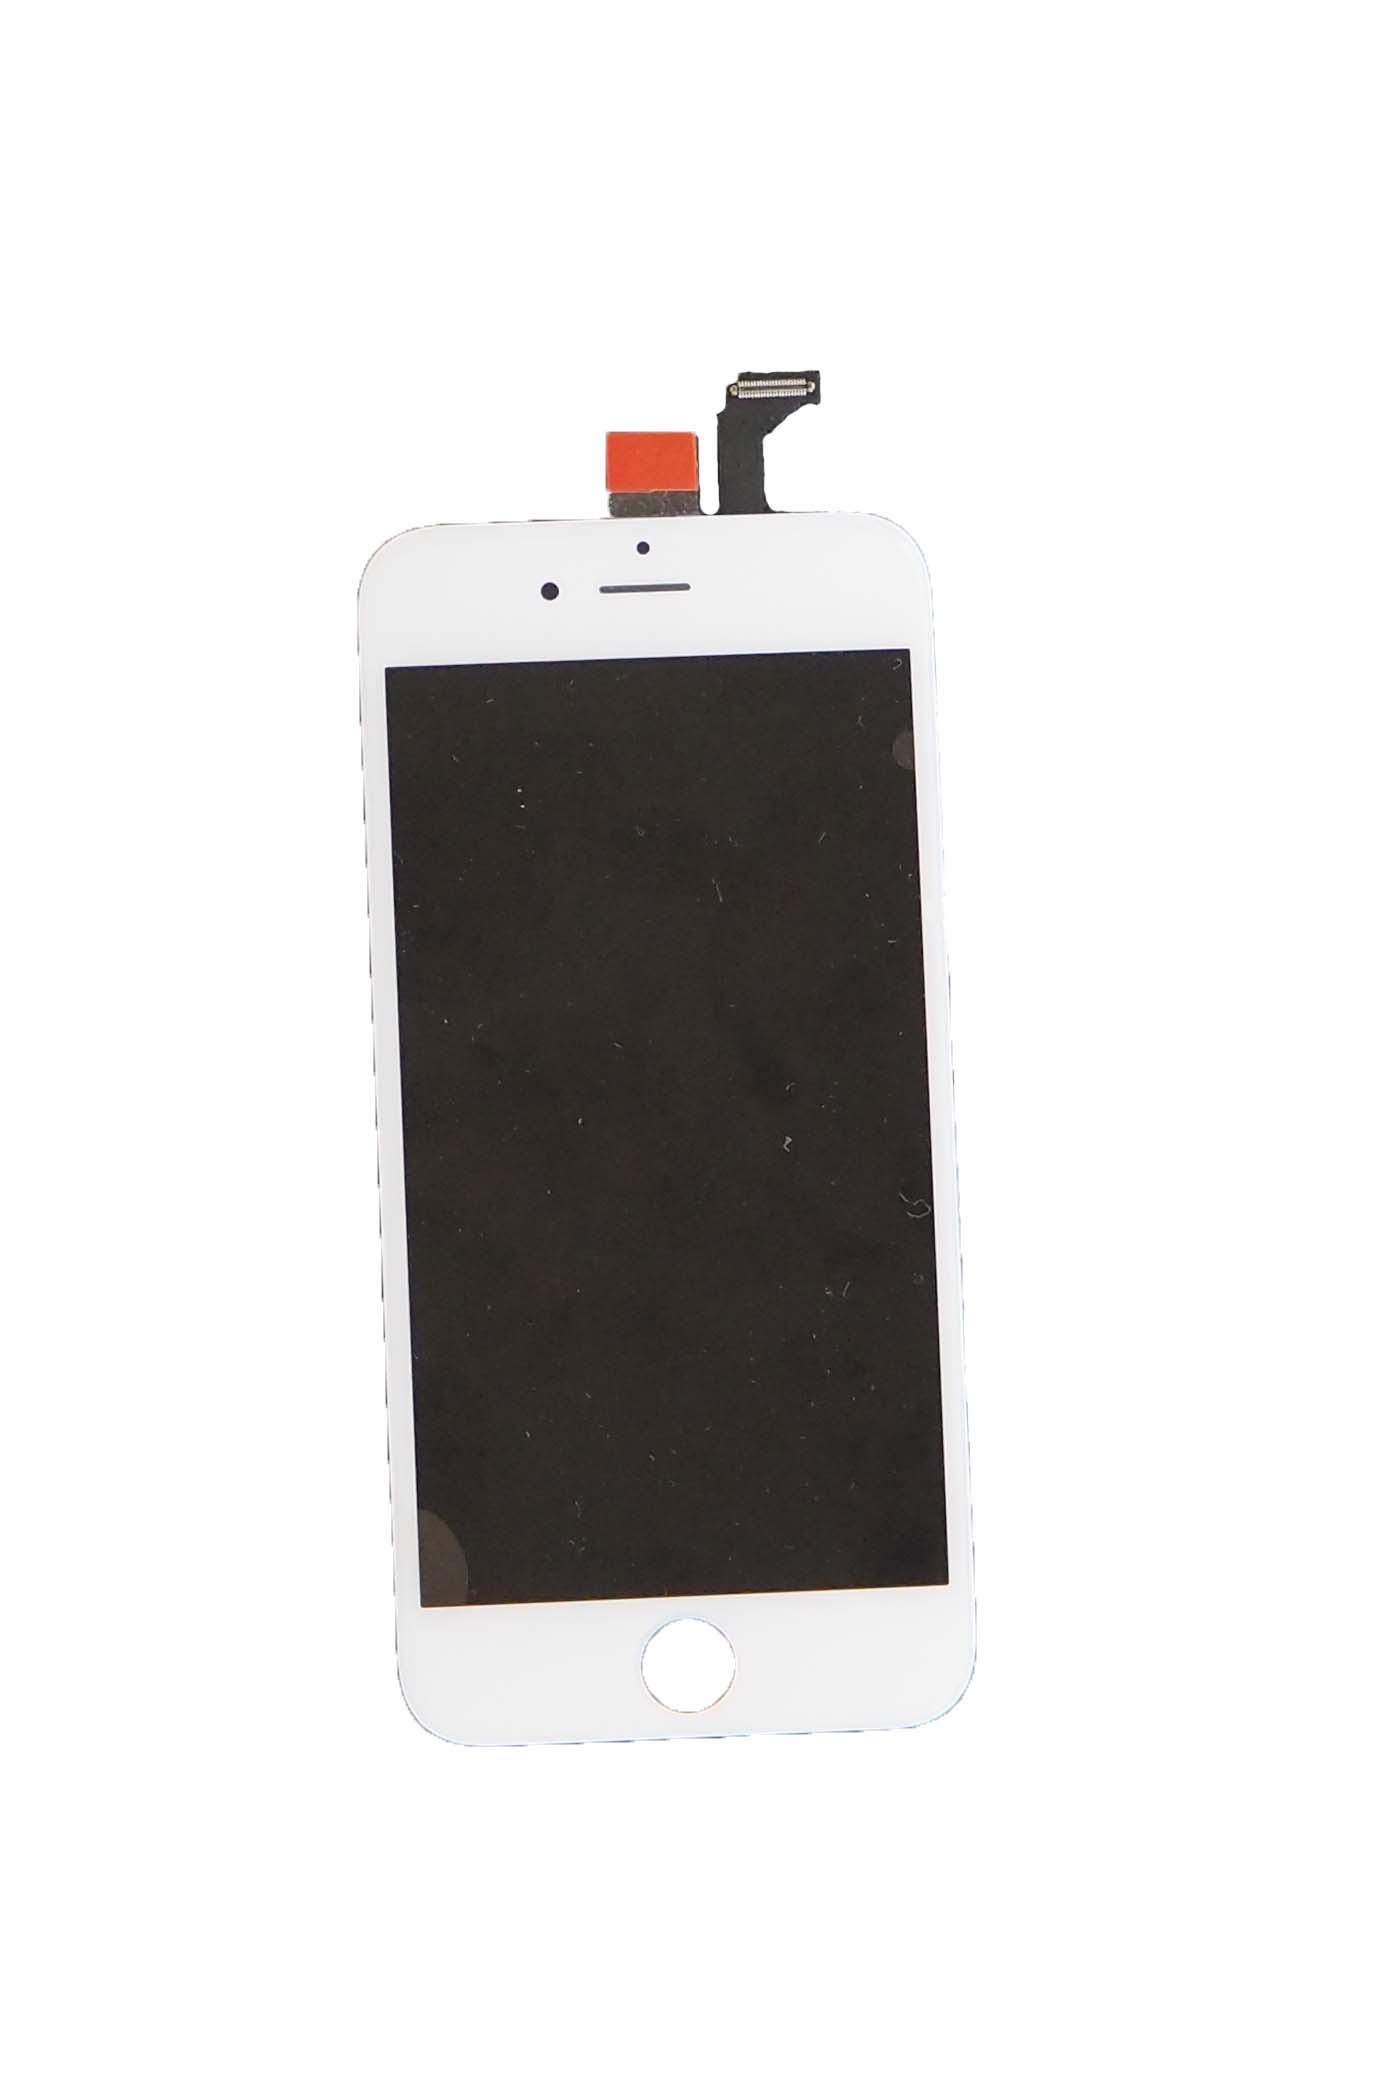 เปลี่ยนจอ iPhone 6s หน้าจอแตก ไม่เห็นภาพ ทัสกรีนกดไม่ได้ จอแท้